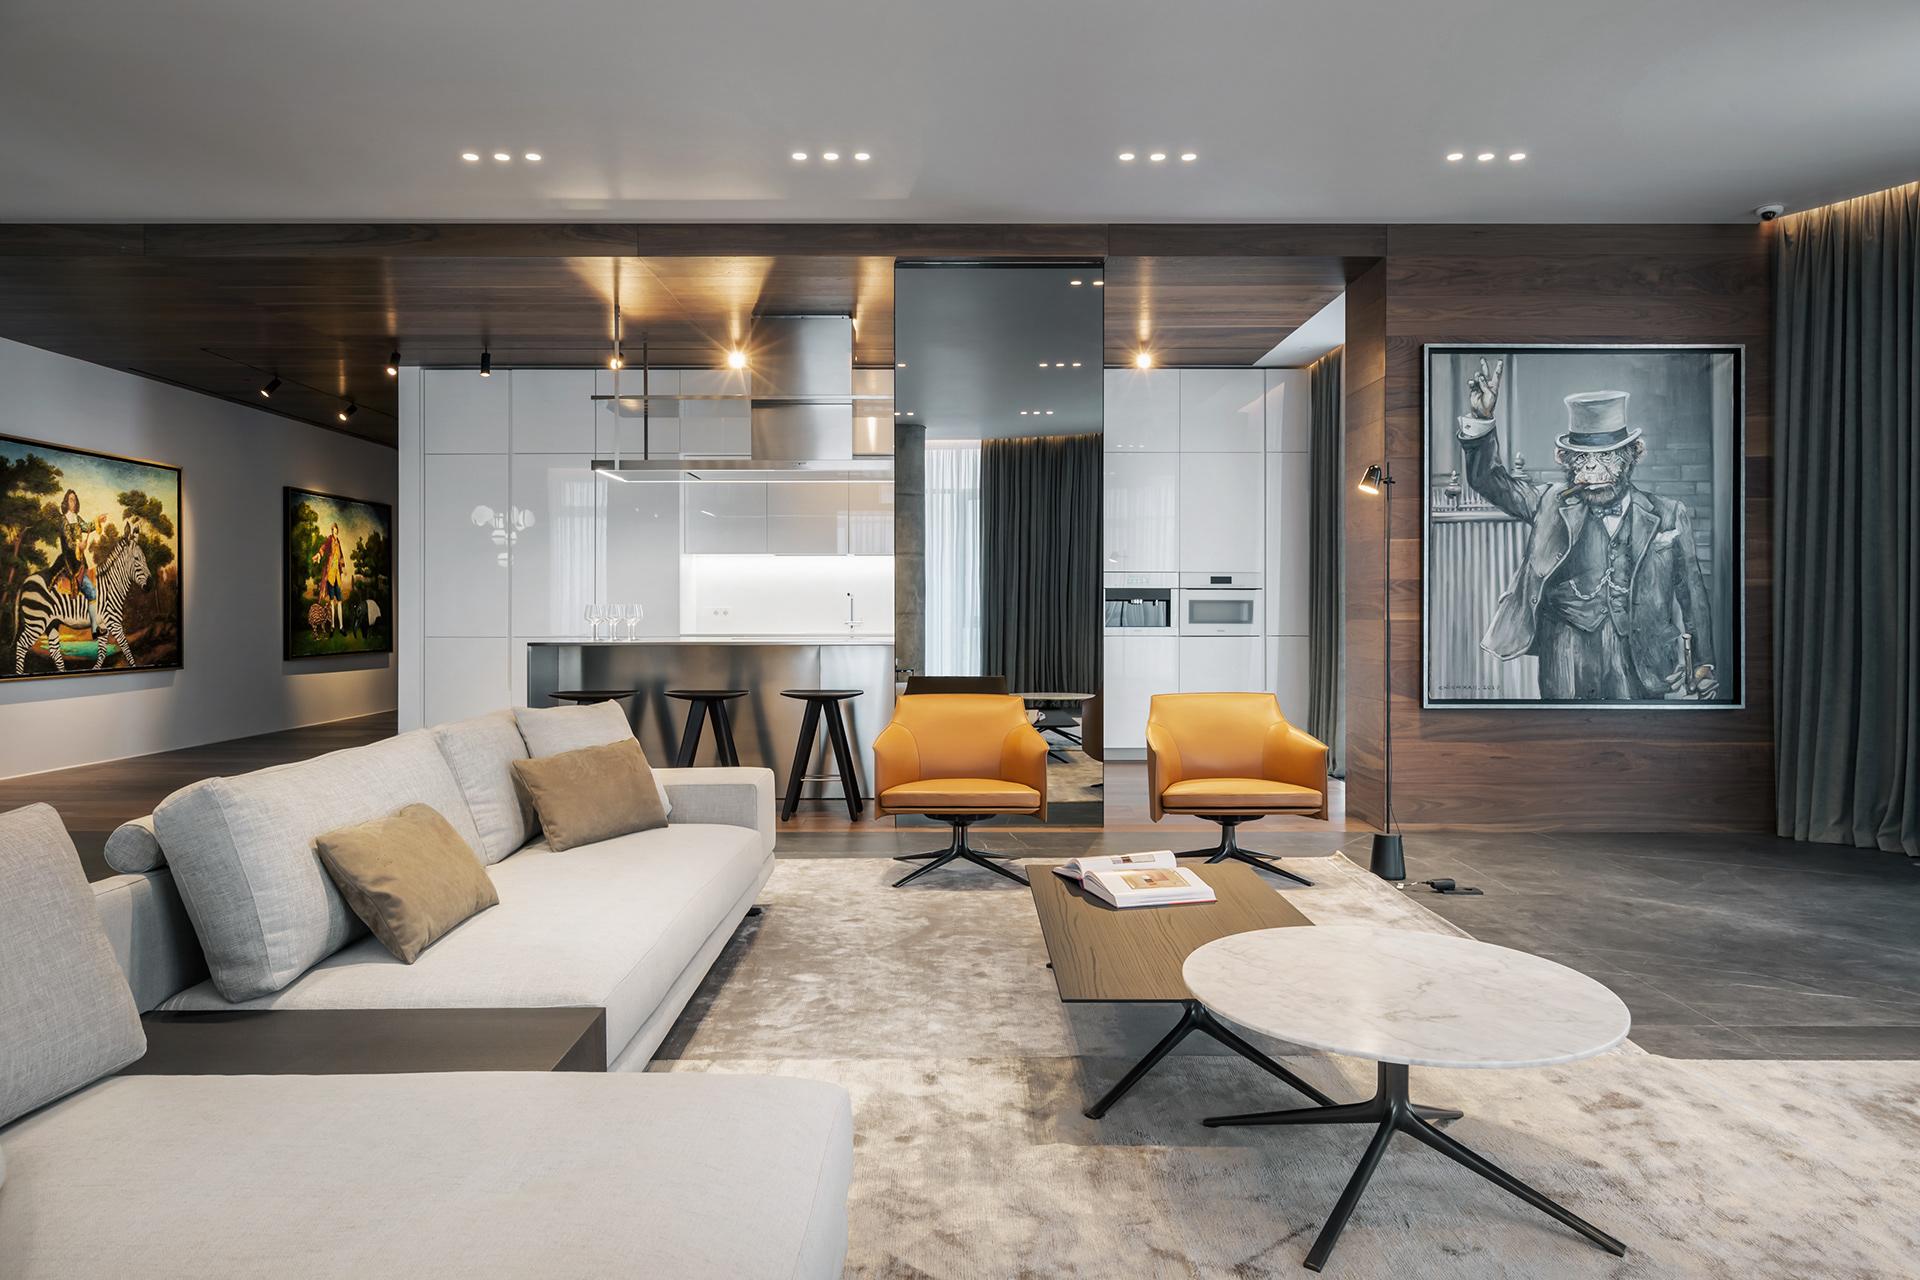 Architecture,Industrial Design,Interior Design